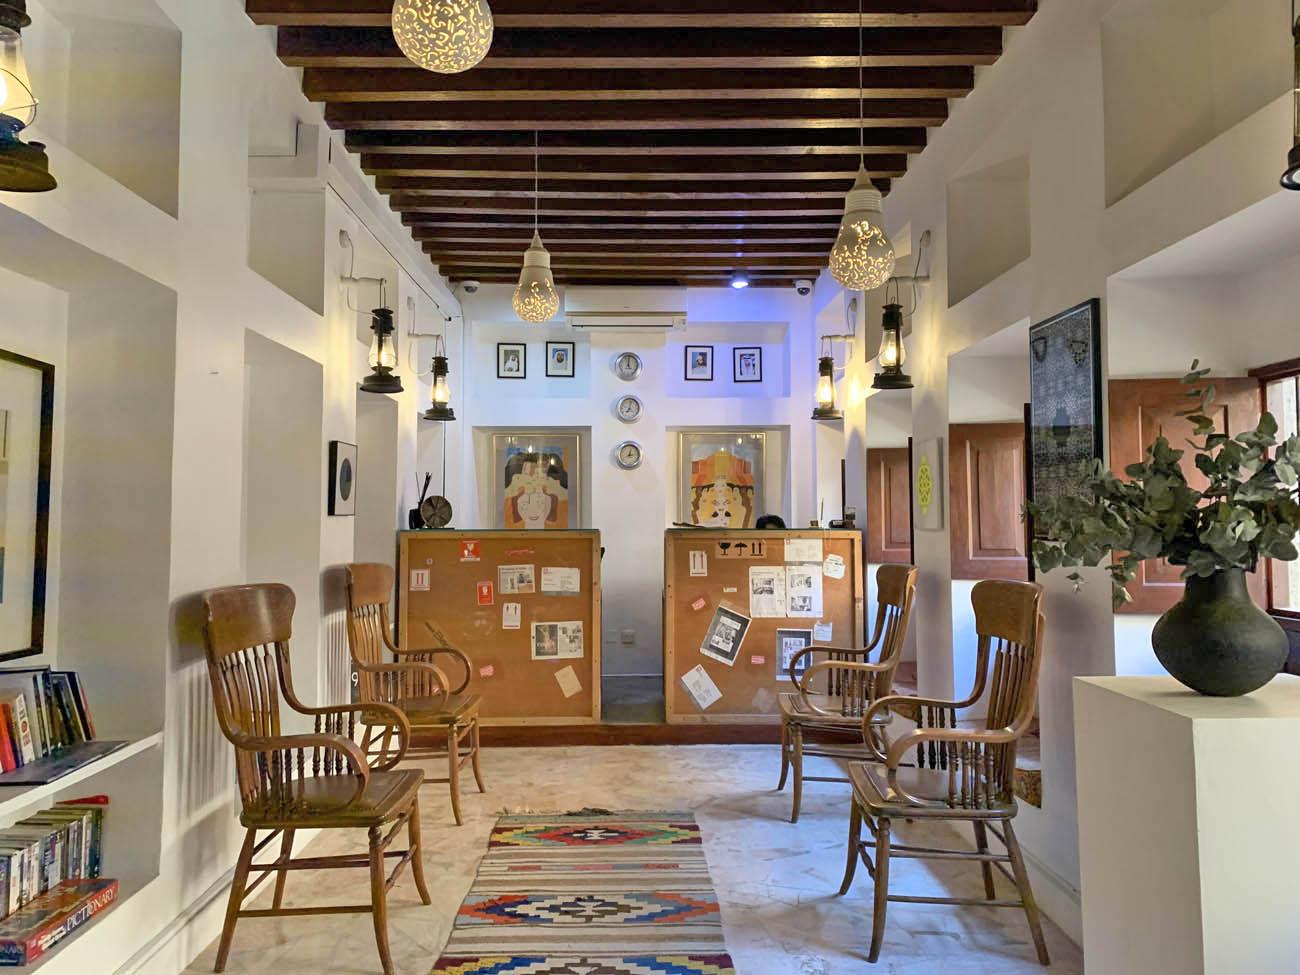 XVA Art Hotel - distrito histórico Al Bastakiya - Al Fahidi - Dubai